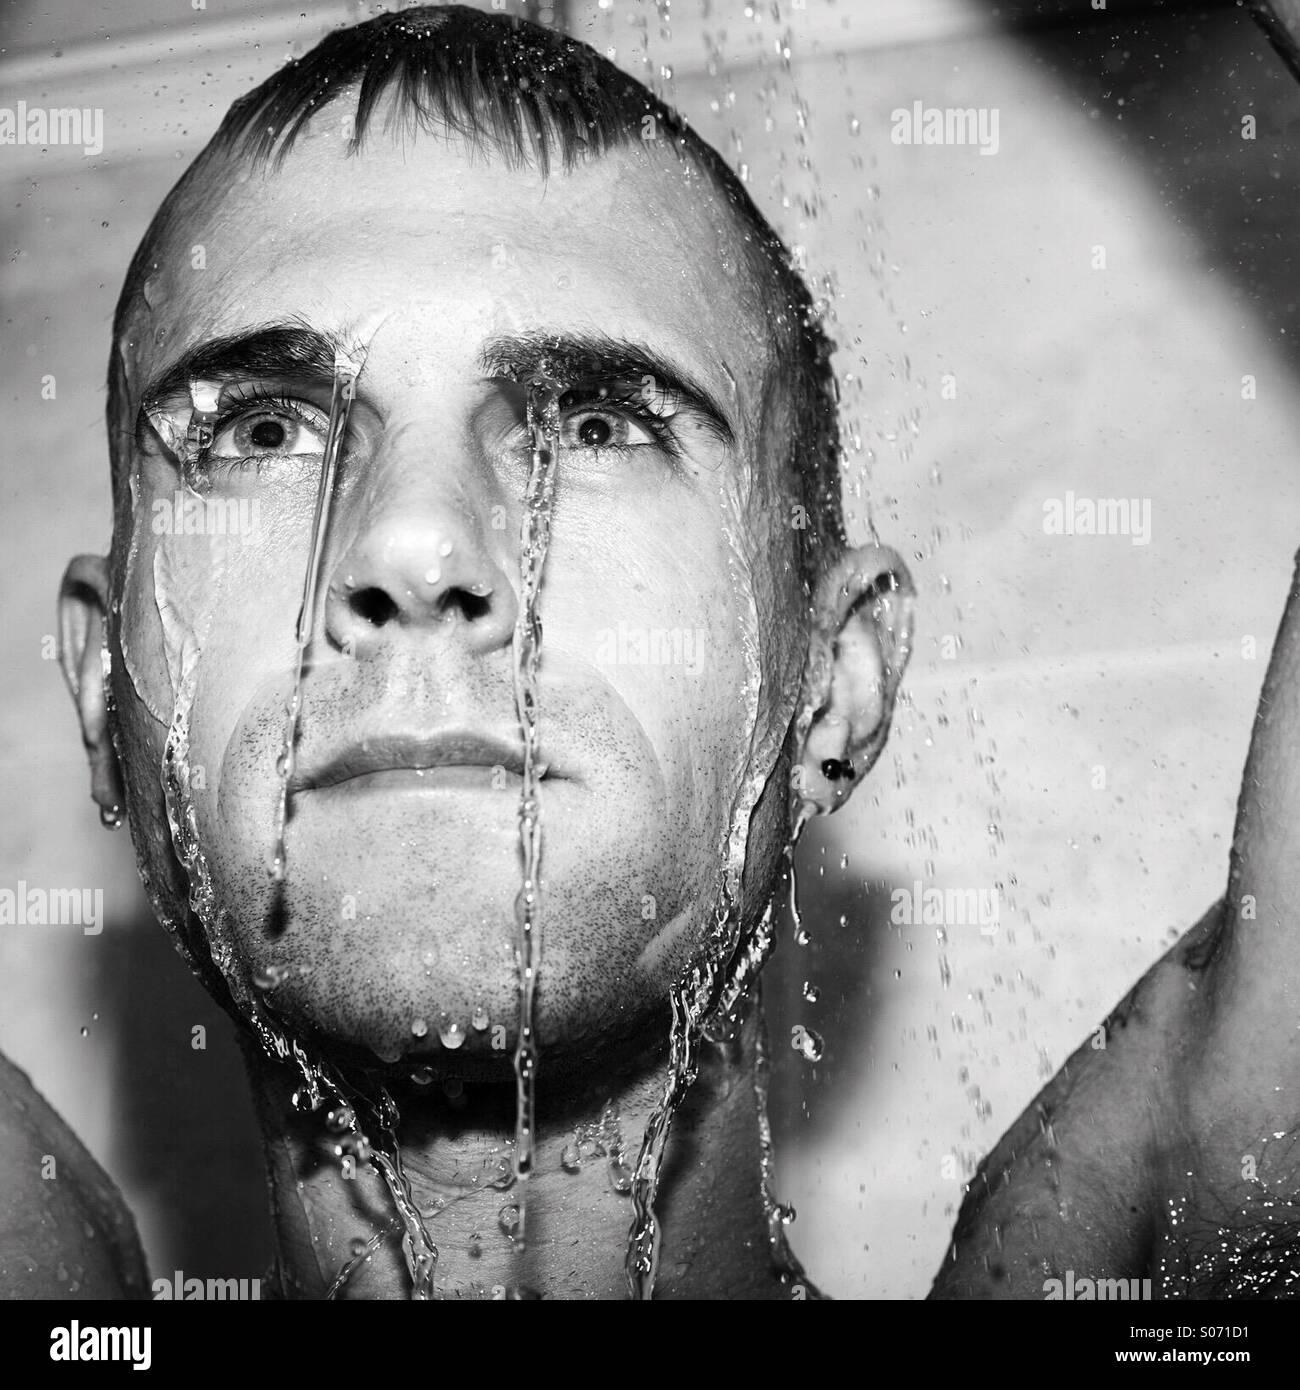 Chico en la ducha con la cara húmeda Imagen De Stock